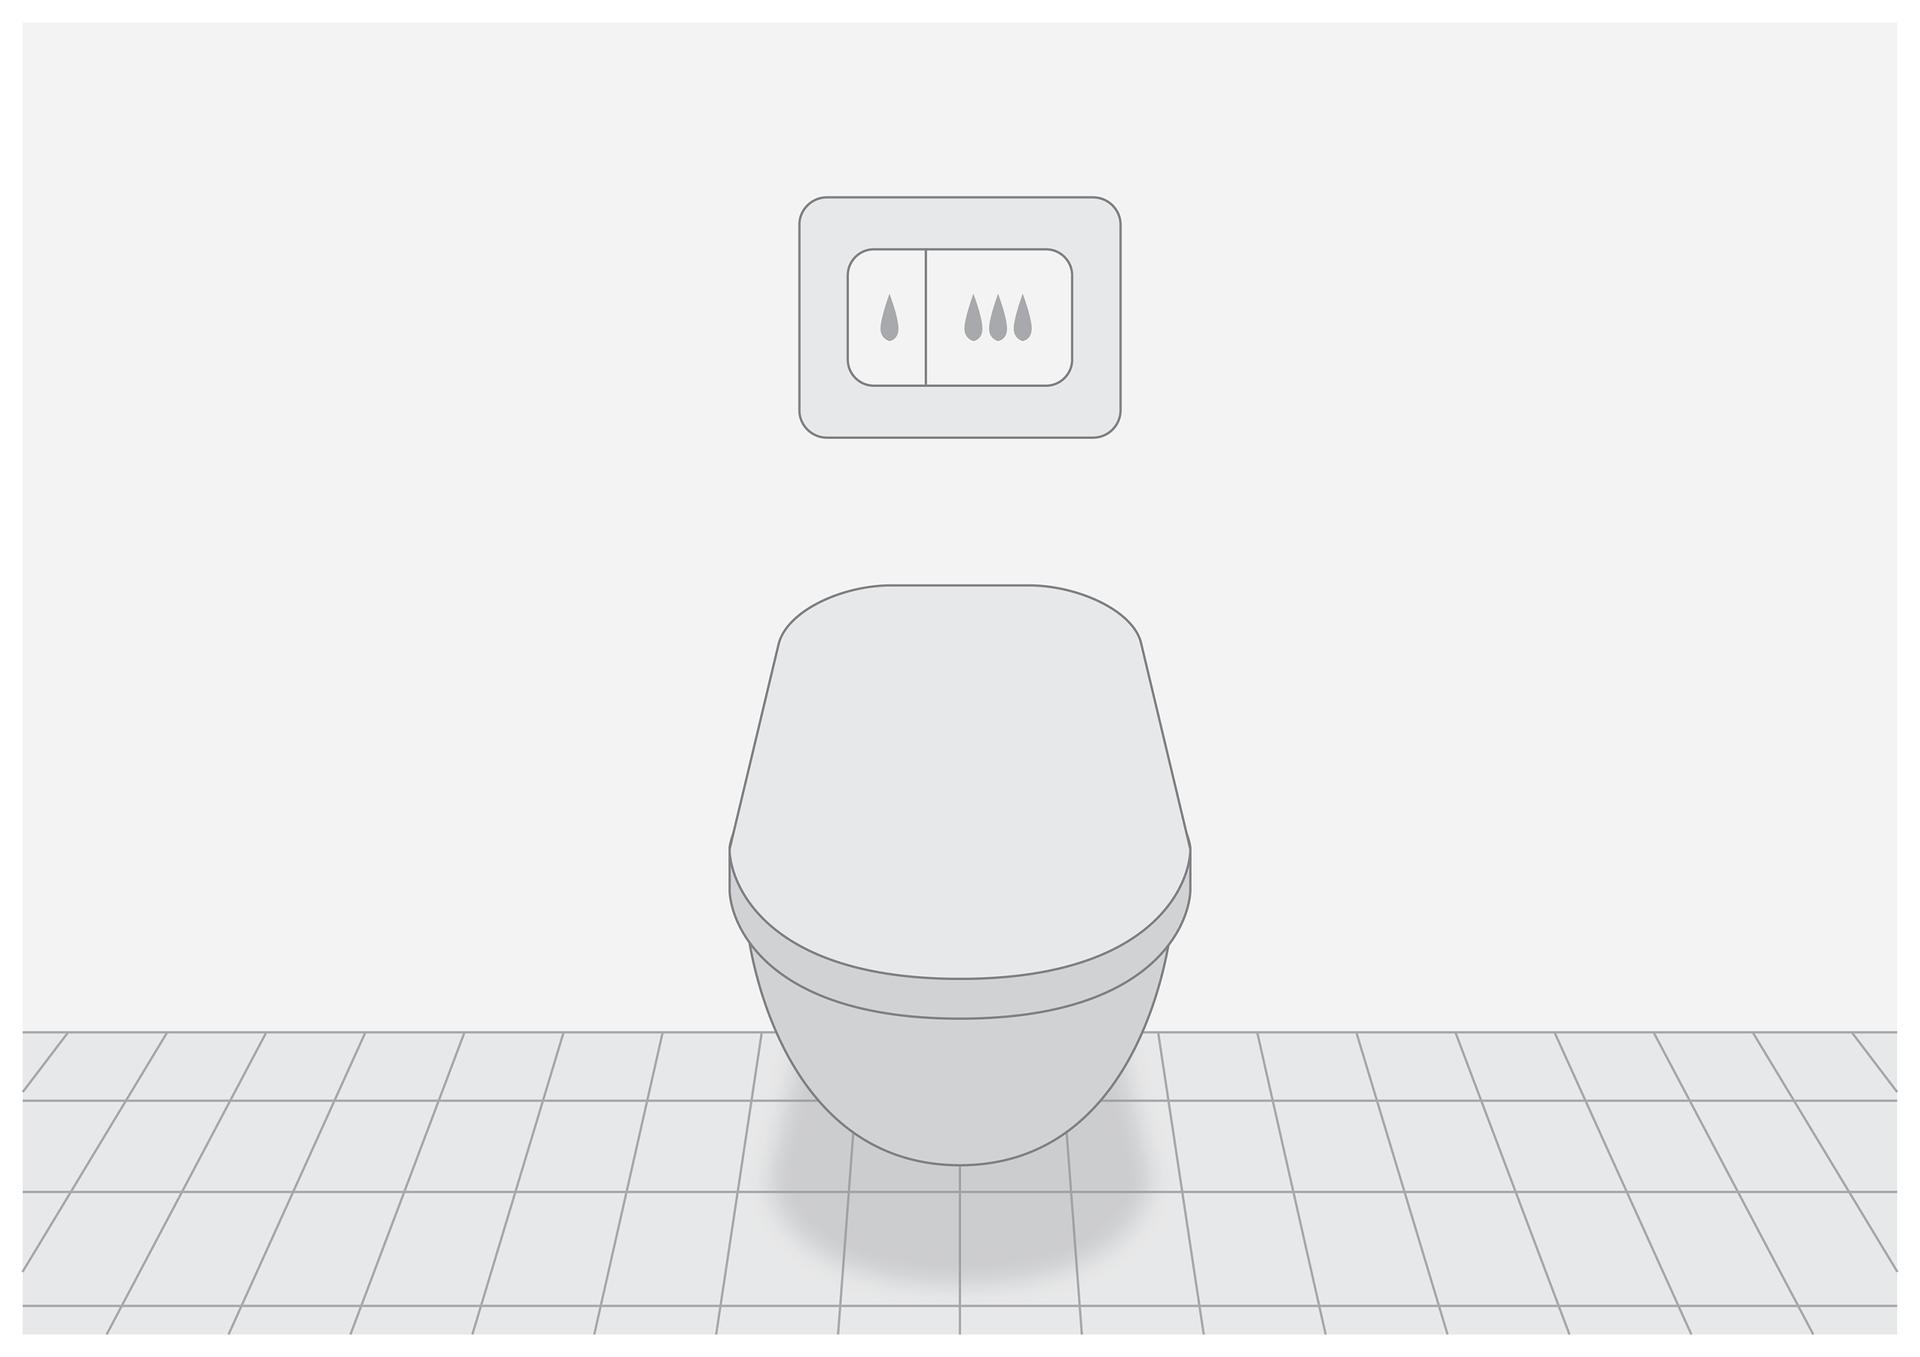 Piąta ilustracja wgalerii. Przedstawia czarno biały rysunek toalety ze zbiornikiem podtynkowym zmuszlą wiszącą na ścianie. Powyżej zamontowana spłuczka zdwoma przyciskami. Mniejszy przycisk zlewej strony oznaczony pojedynczą kroplą, większy przycisk zprawej strony oznaczony trzema kroplami.